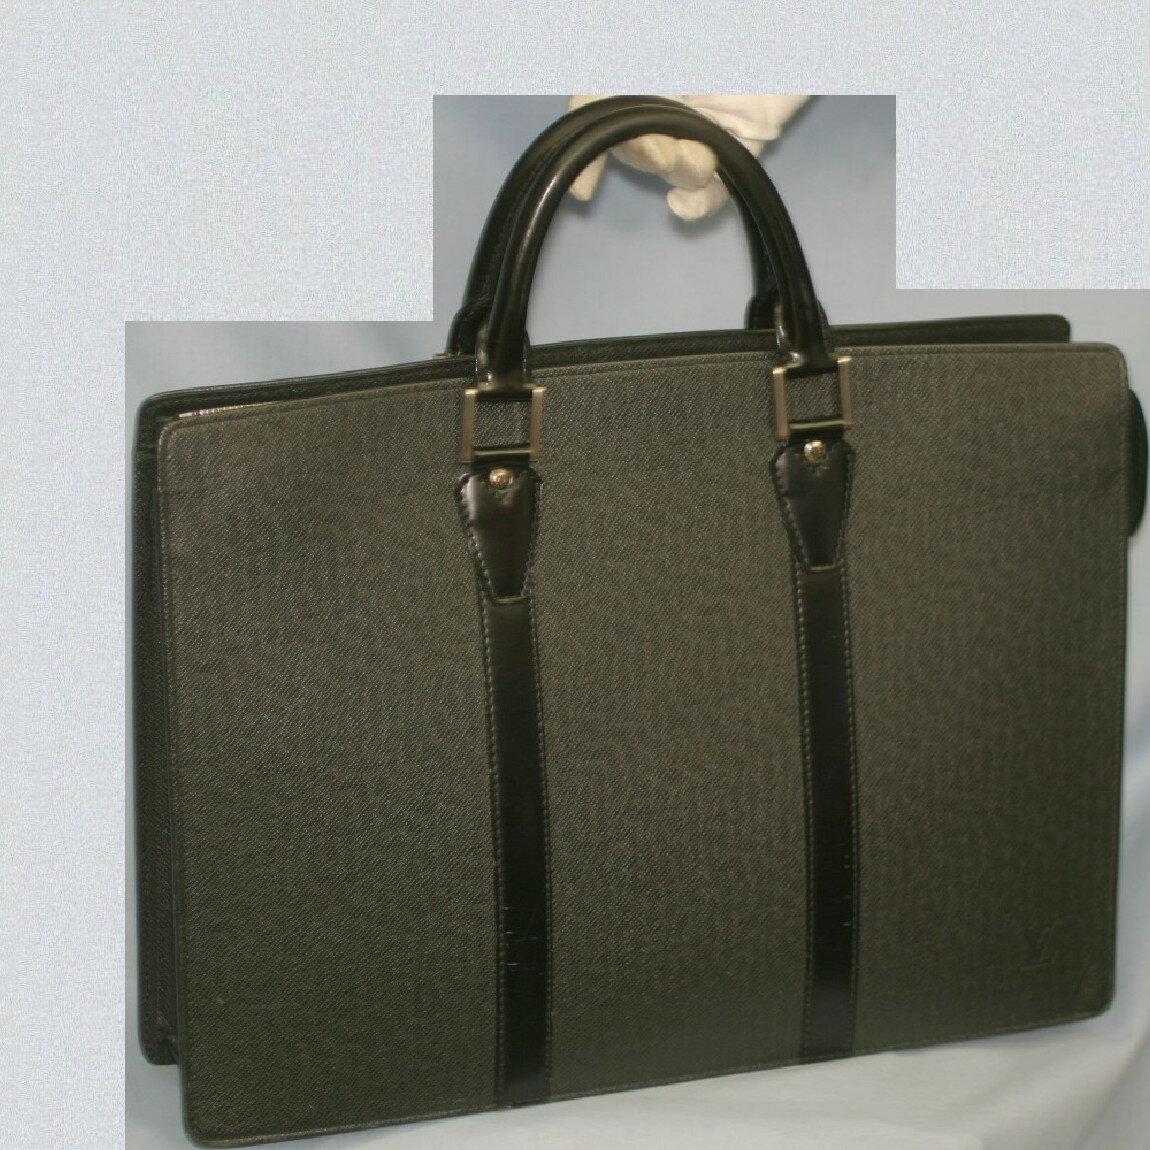 【中古】本物綺麗L/Vタイガの紳士用黒い42センチ書類鞄ポルトドキュマン・ロザンM30052